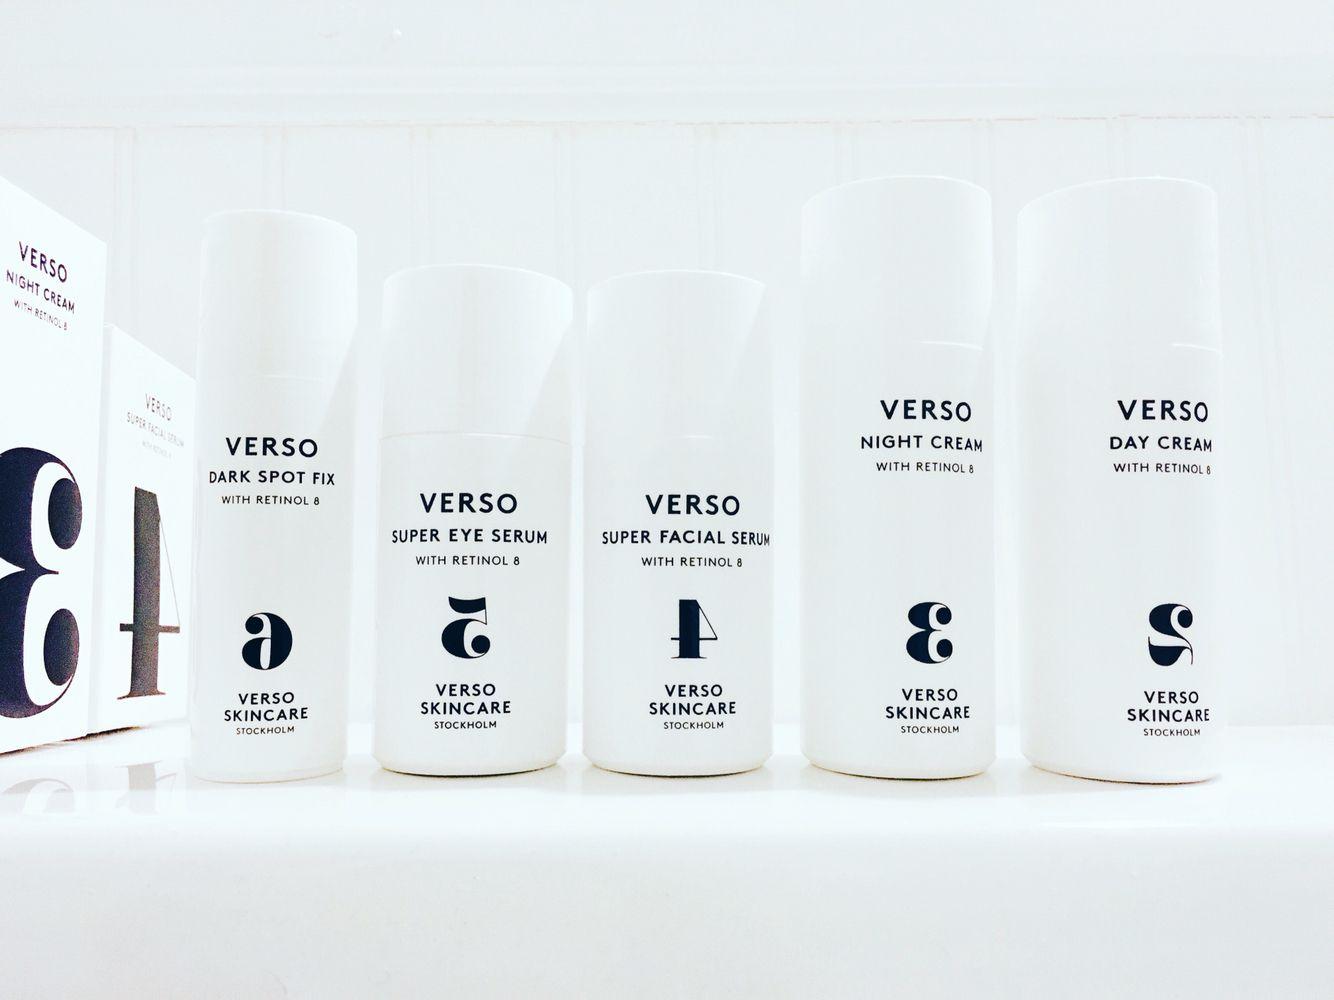 Verso Skincare Verso Skincare Skin Care Perfumery